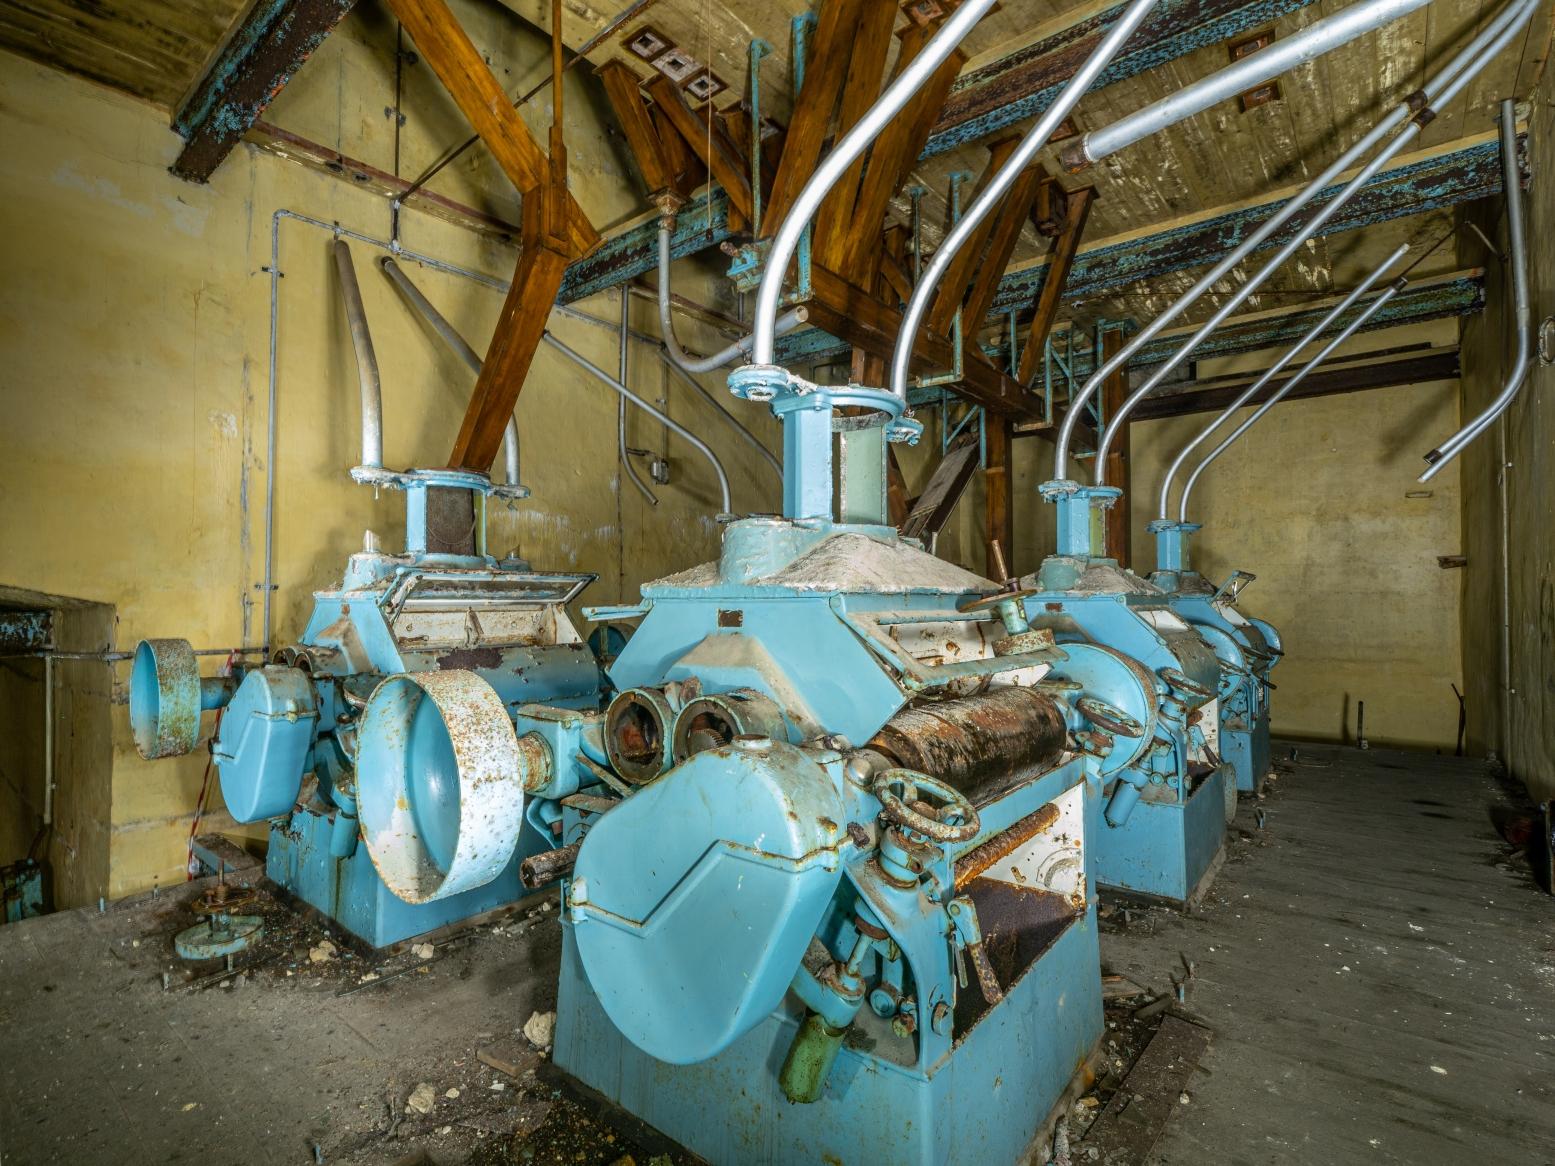 Underground Flour Mill (Kalter Krieg)